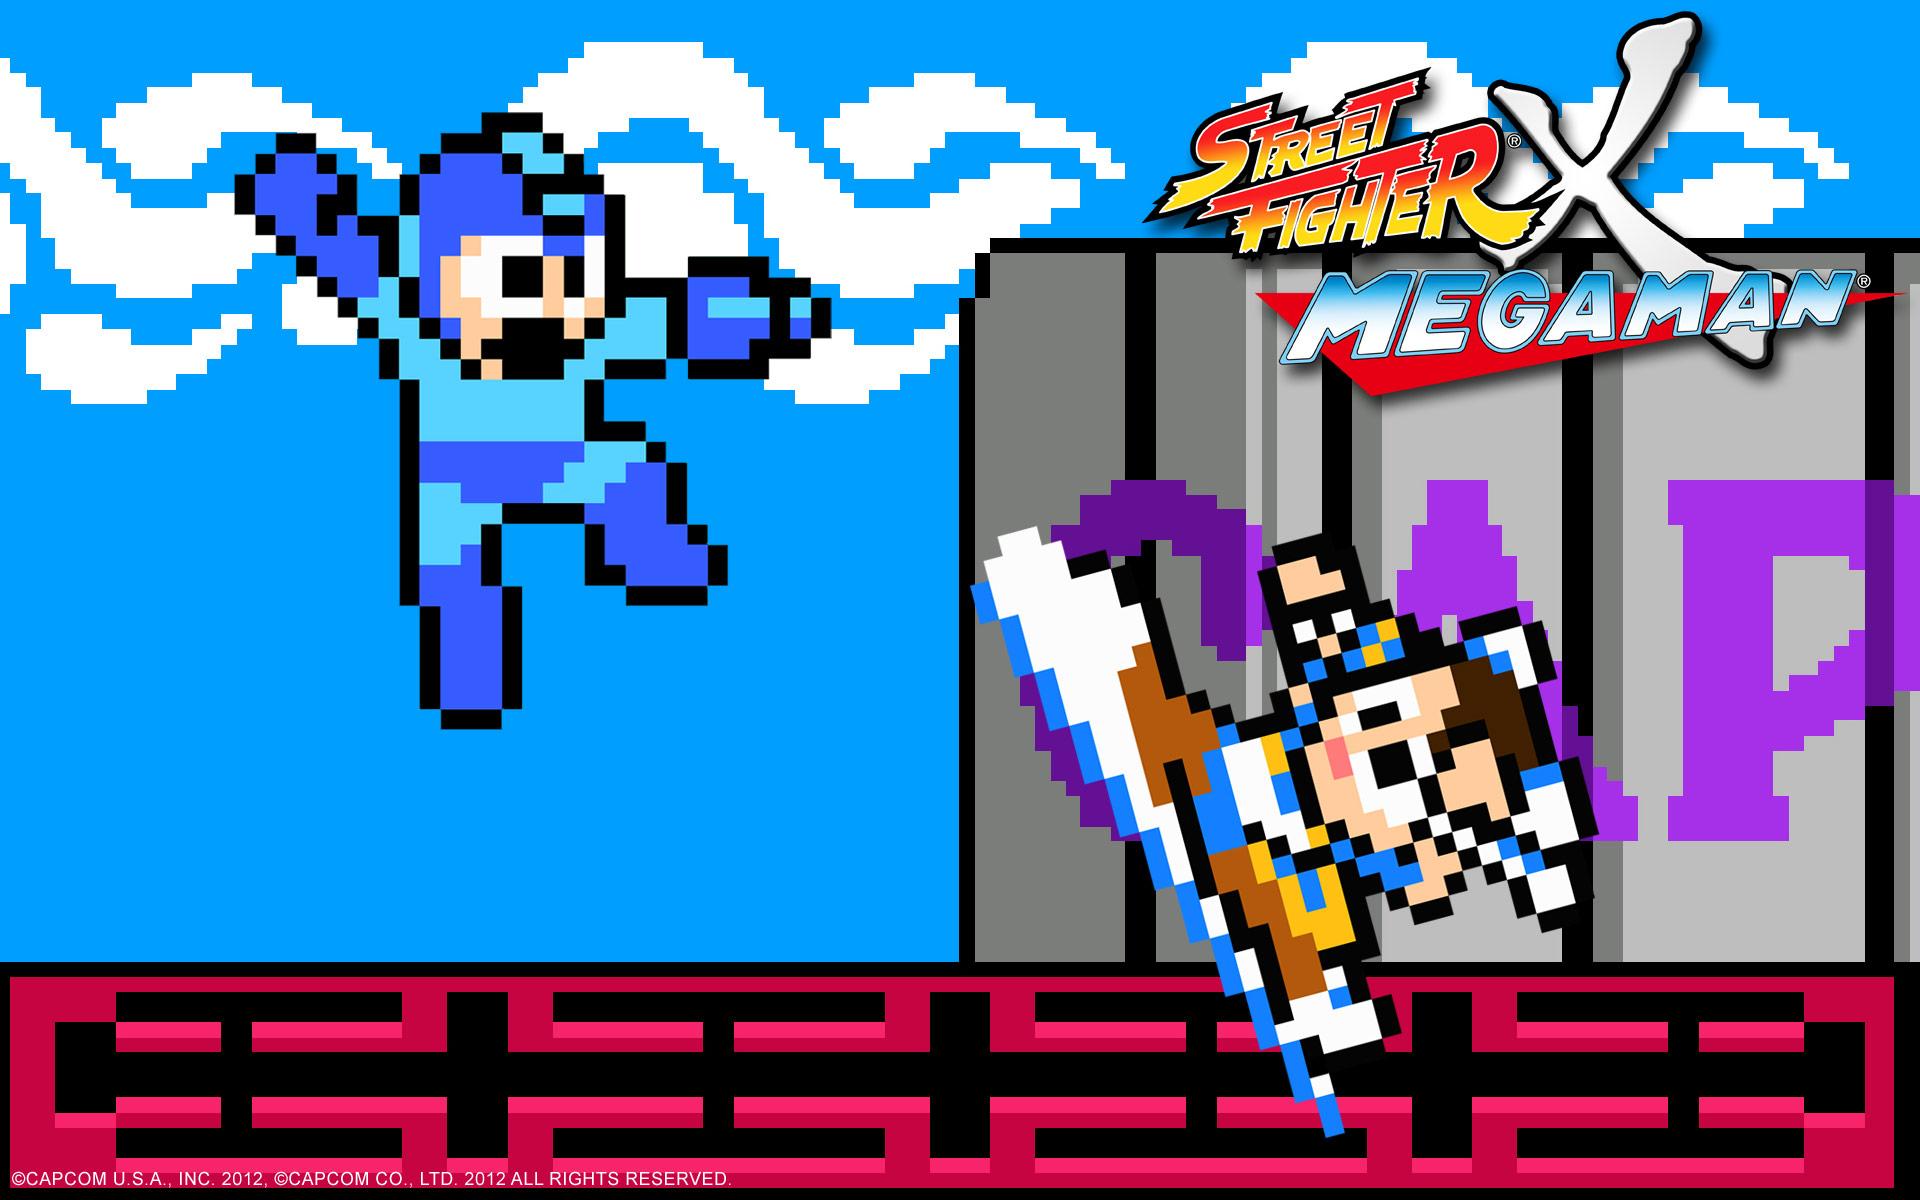 Street Fighter X Mega Man wallpaper #2